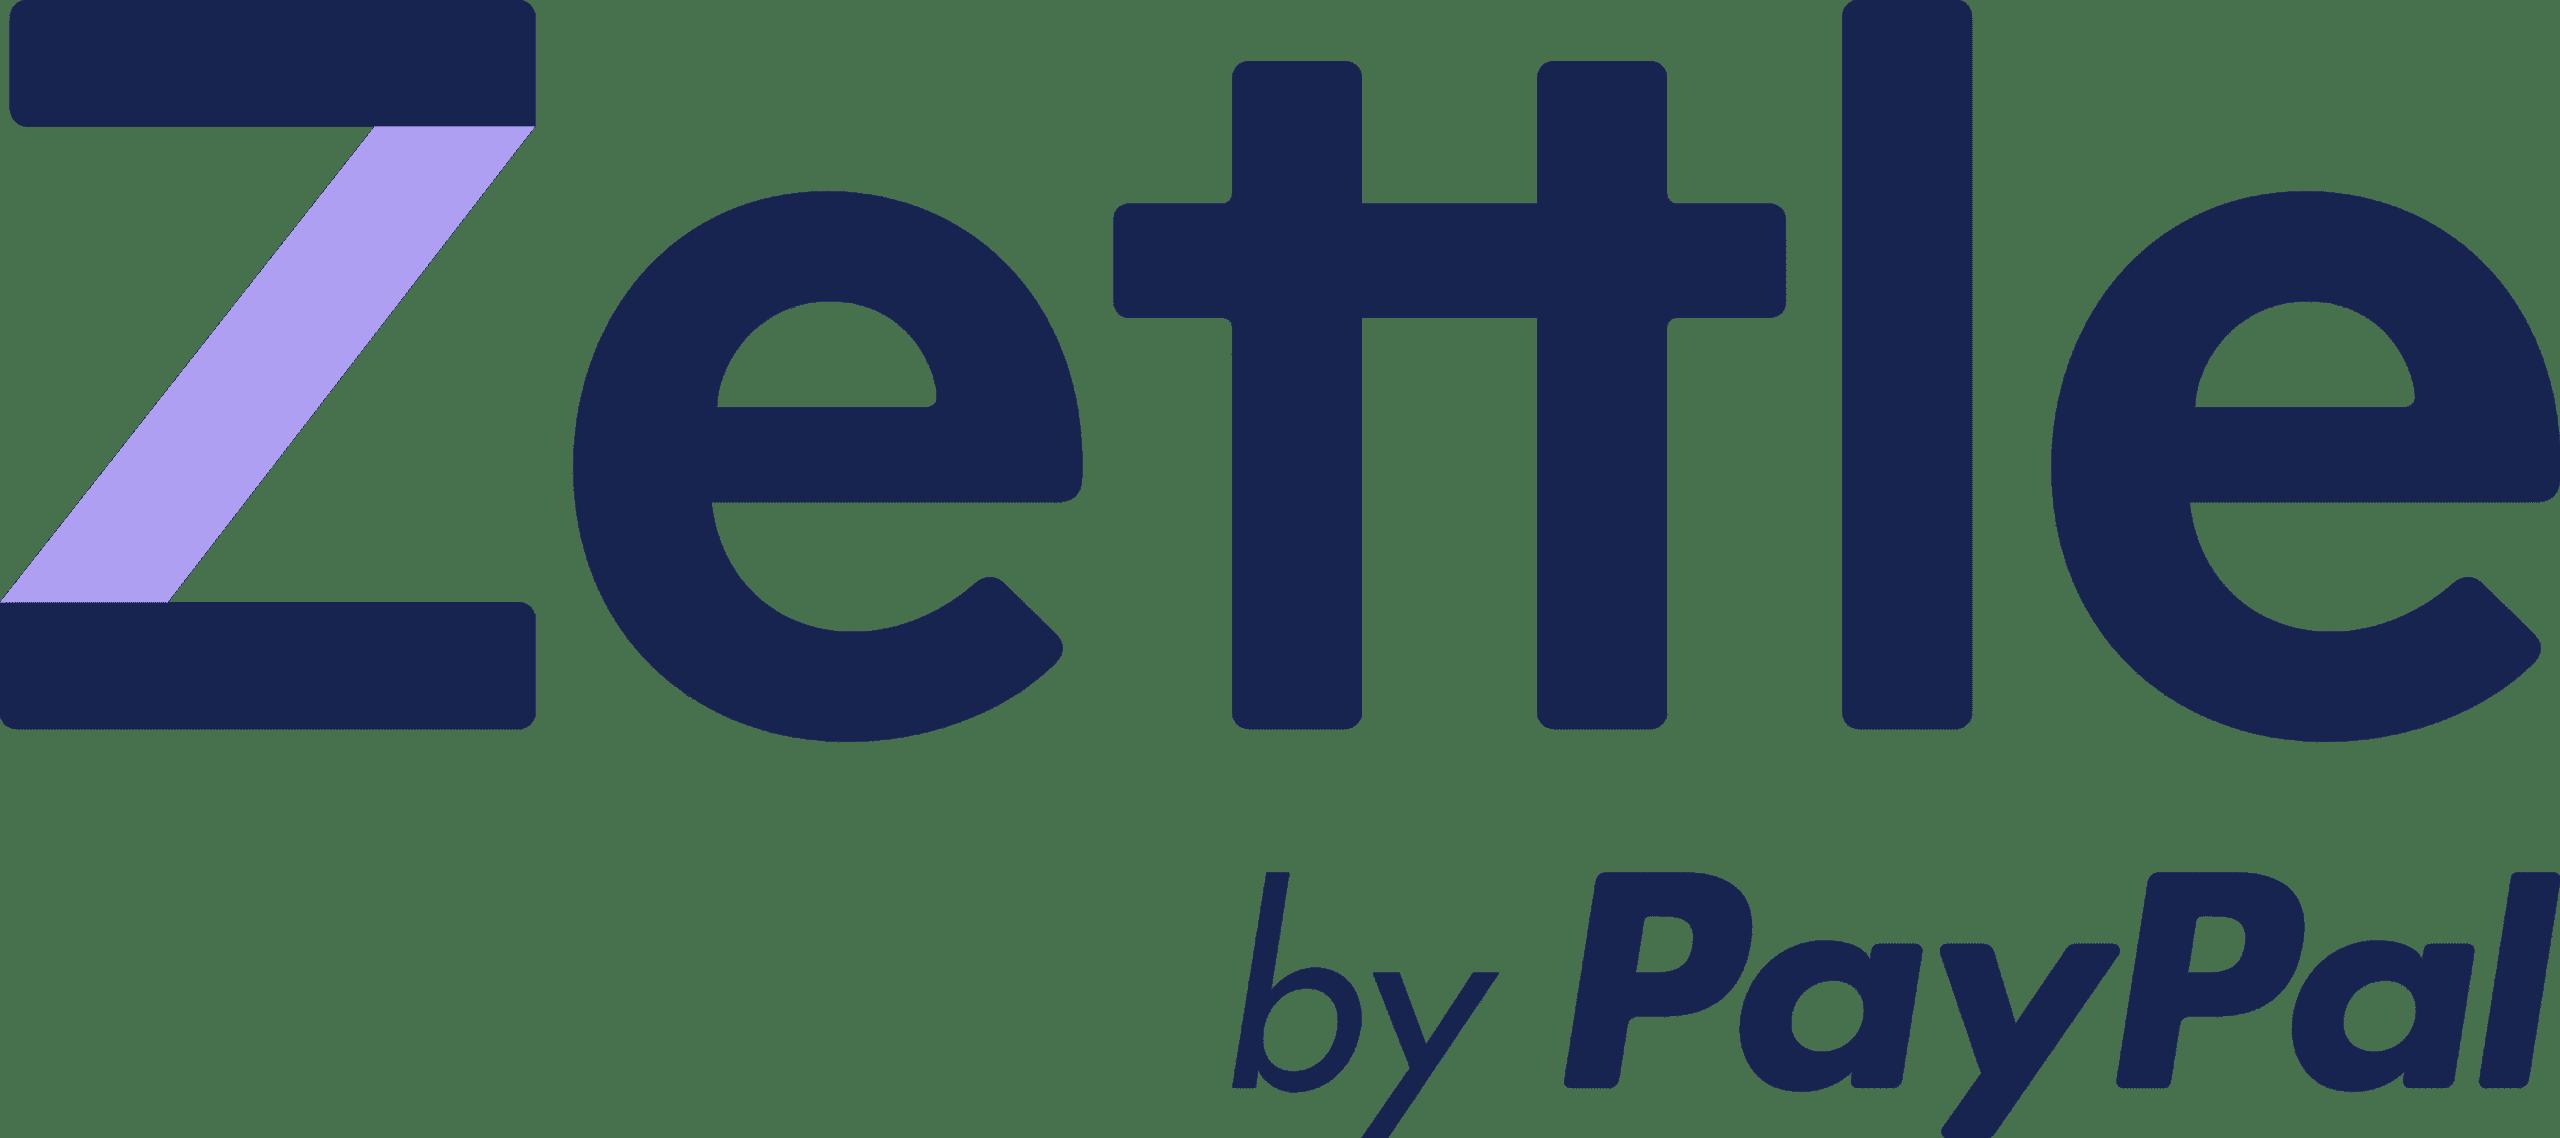 Zettle logo